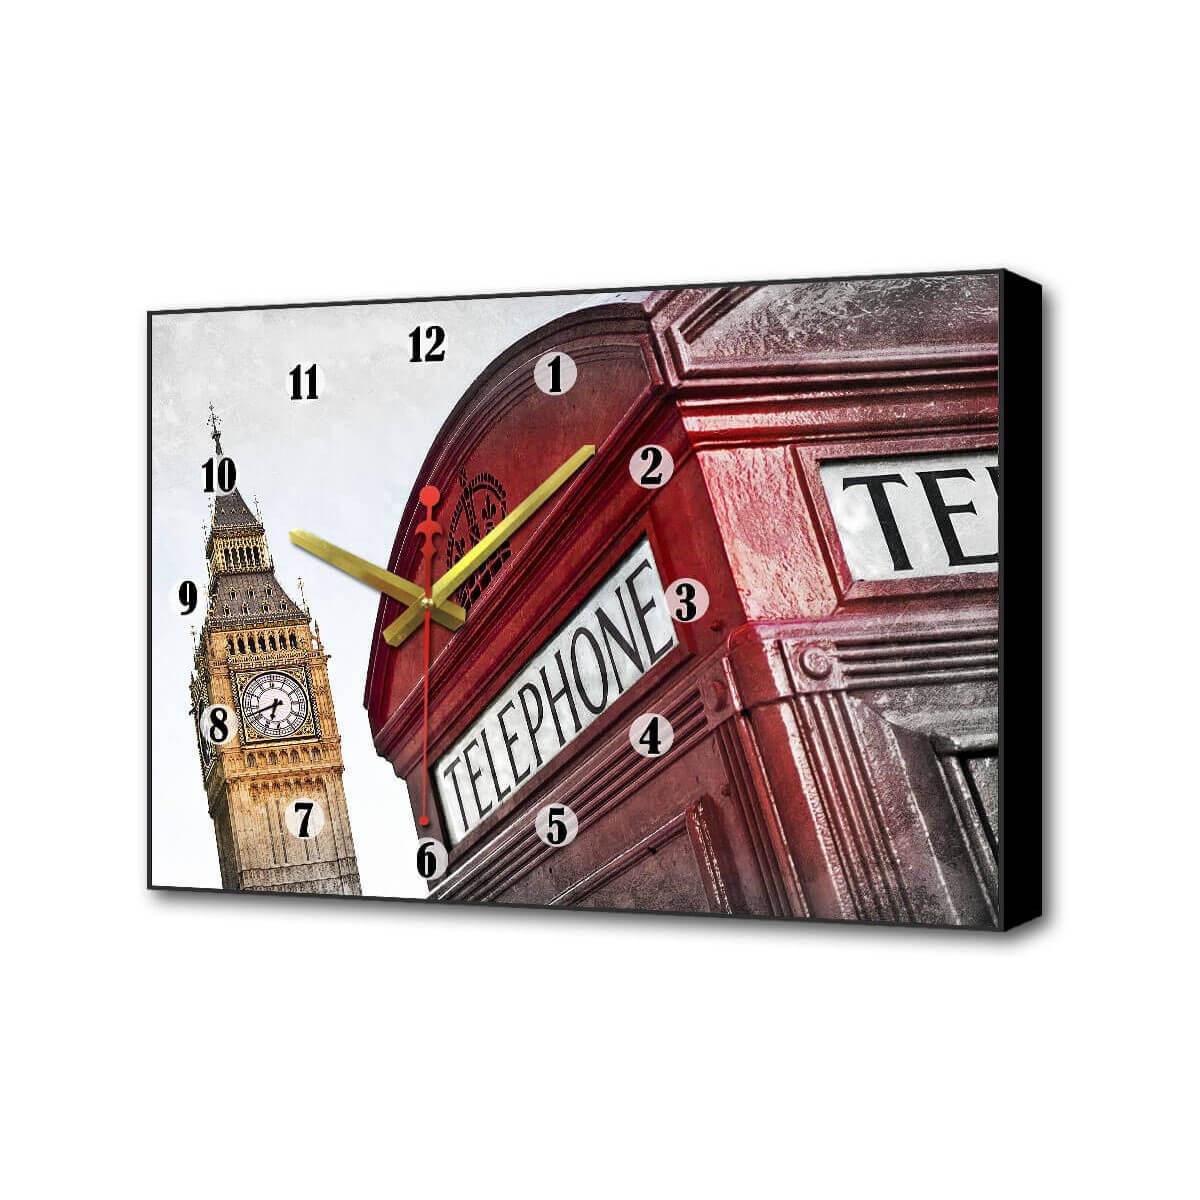 Настенные часы Красная будка II Timebox Toplight 37х60х4см TL-C5010 все цены